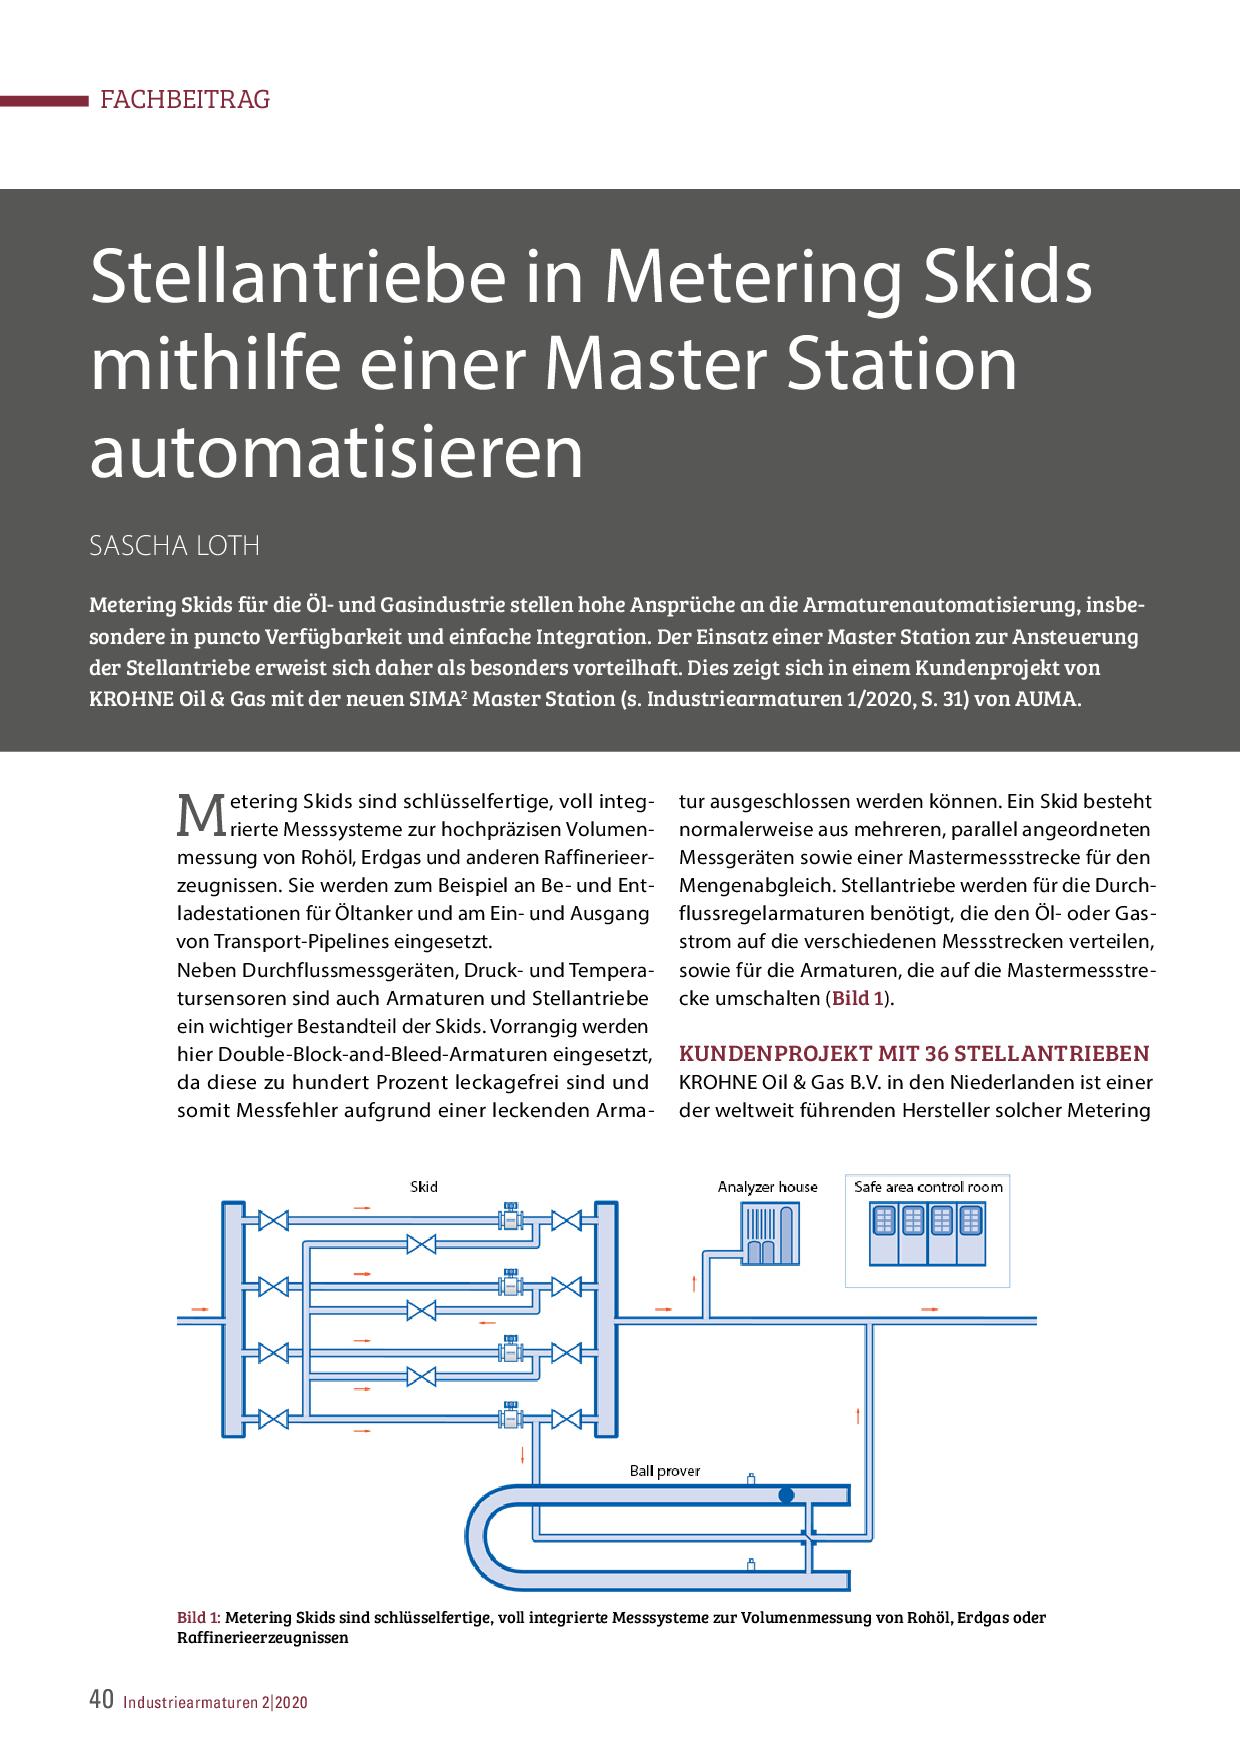 Stellantriebe in Metering Skids mithilfe einer Master Station automatisieren